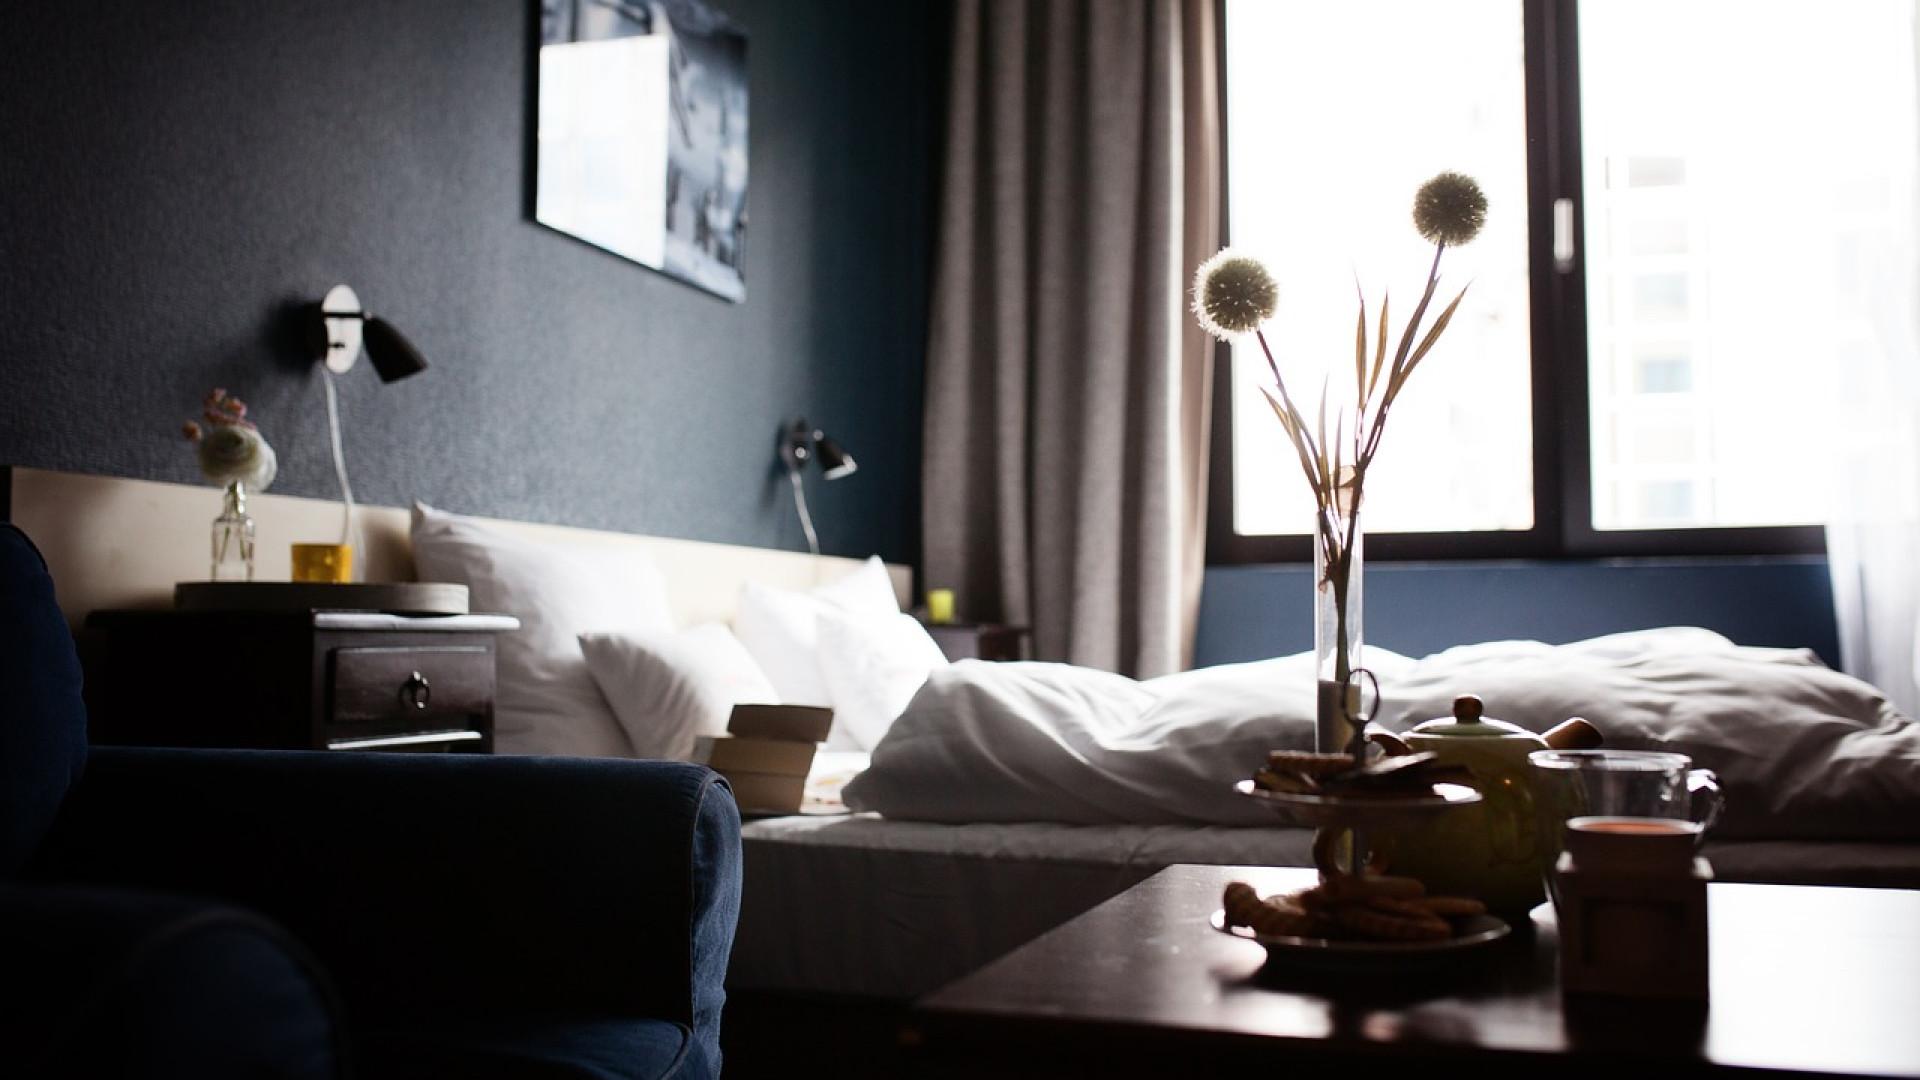 Découvrez cet incroyable hôtel de luxe à Paris